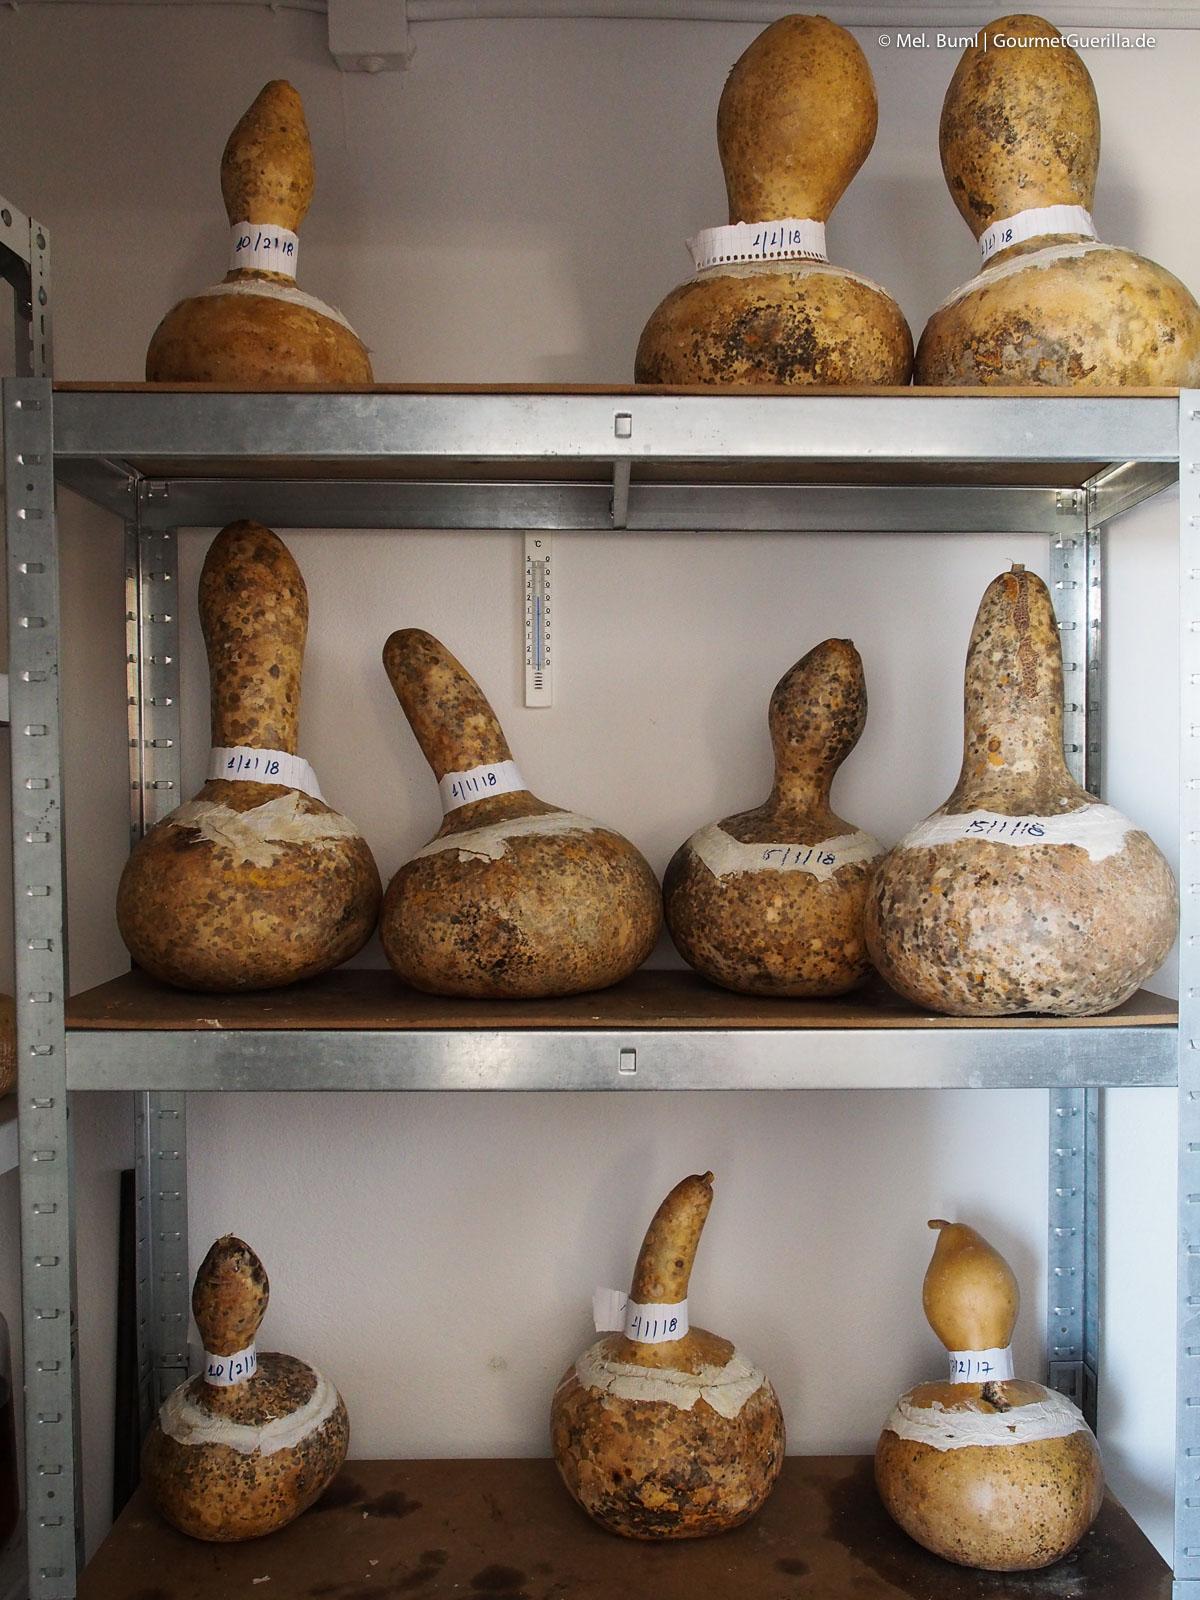 Kapiki Käse Reisebericht Tinos Foodpath griechische Insel Kykladen Griechenland |GourmetGuerilla.de